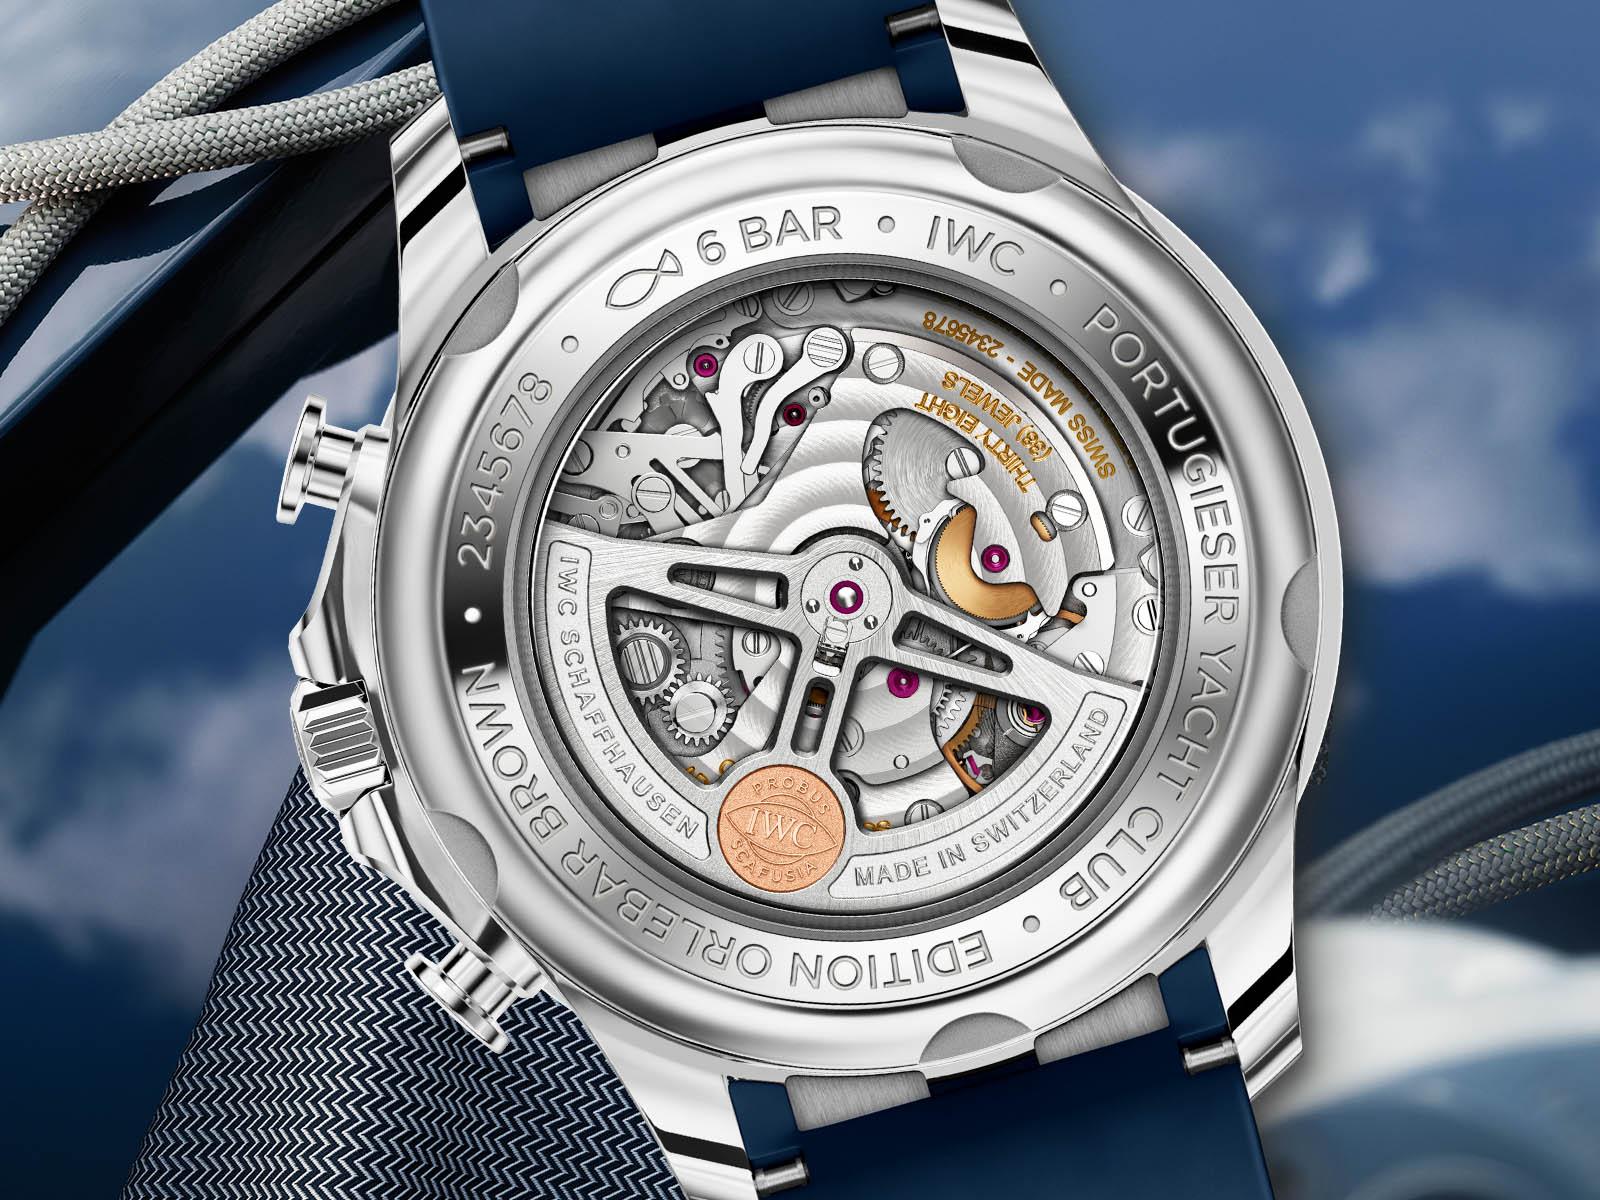 iw390704-iwc-portugieser-yacht-club-chronograph-edition-orlebar-brown-5.jpg